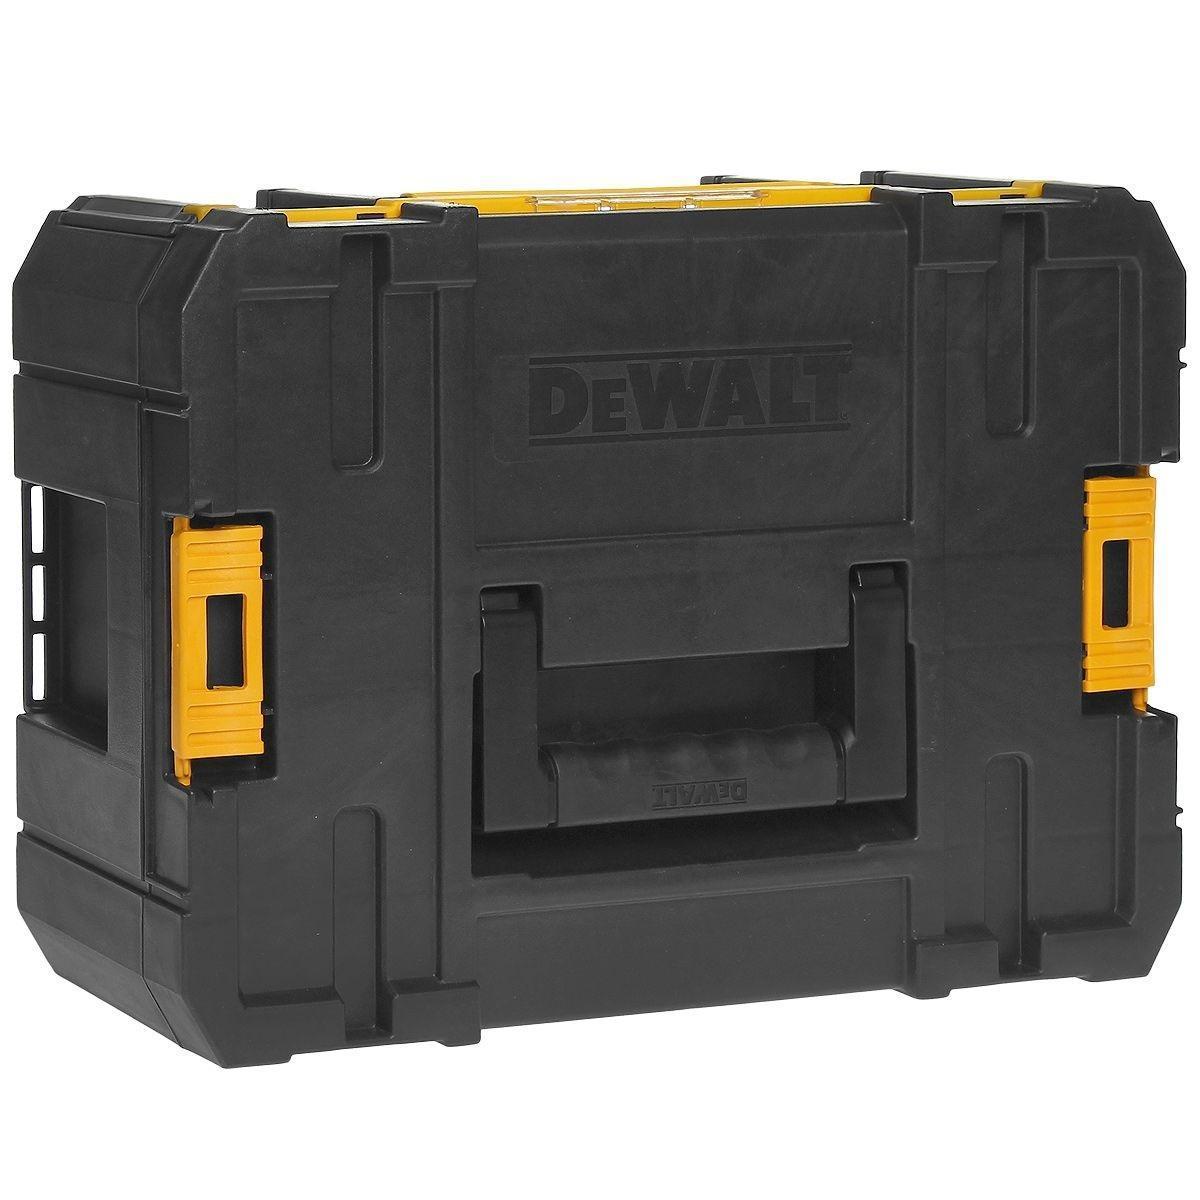 Ящик для инструмента DeWalt TSTAK III, глубокий, с шестью контейнерамиDWST1-70705Направляющие салазки на шариковых подшипниках обеспечивают надежность и долговечность6 извлекаемых чашек для мелких деталей, крепежа и принадлежностей (2 большие и 4 маленькие)Возможность наращивания: все блоки могут быть установлены один сверху другого. Прочные боковые защелки для надежной фиксации.Двухкомпонентная ручка сверху каждого блока гарантирует легкий и удобный подъем и переноскуИнновационный дизайн: прочный и жесткийГибкая платформа Mix&Match, которая позволяет создавать различные комбинации из ящиков